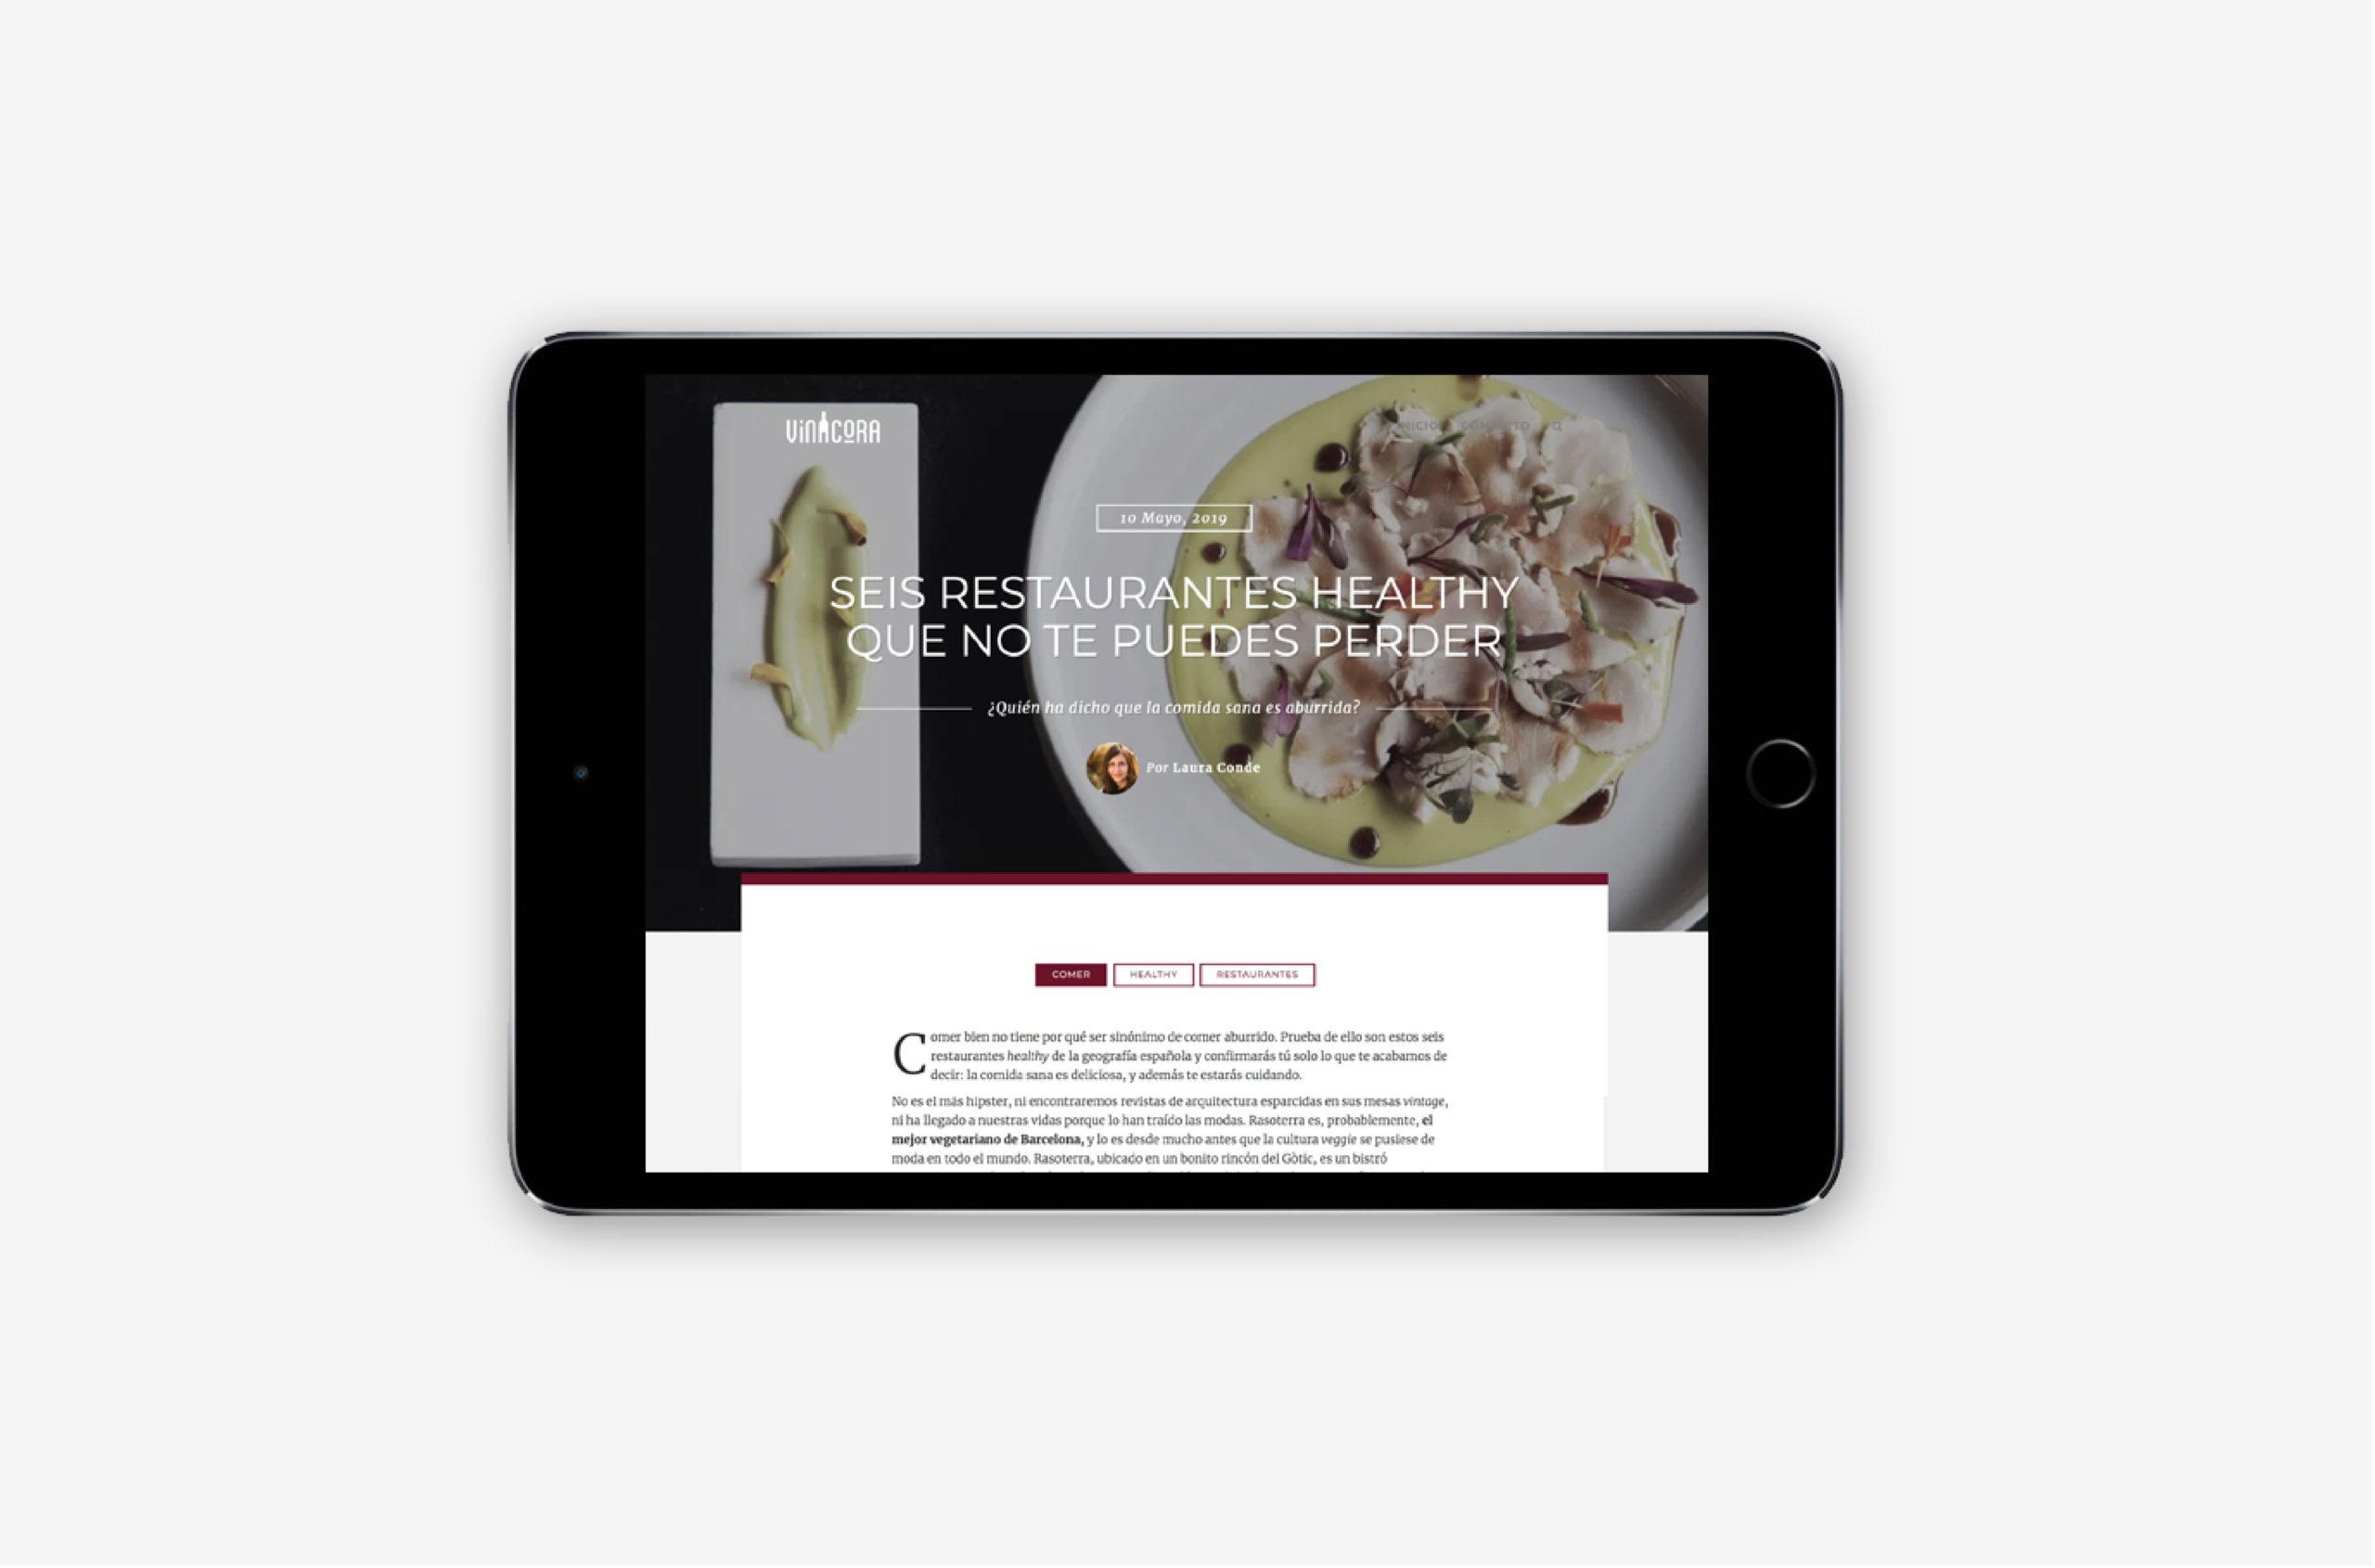 vinostorres-diseñografico-contenido-barcelona-3